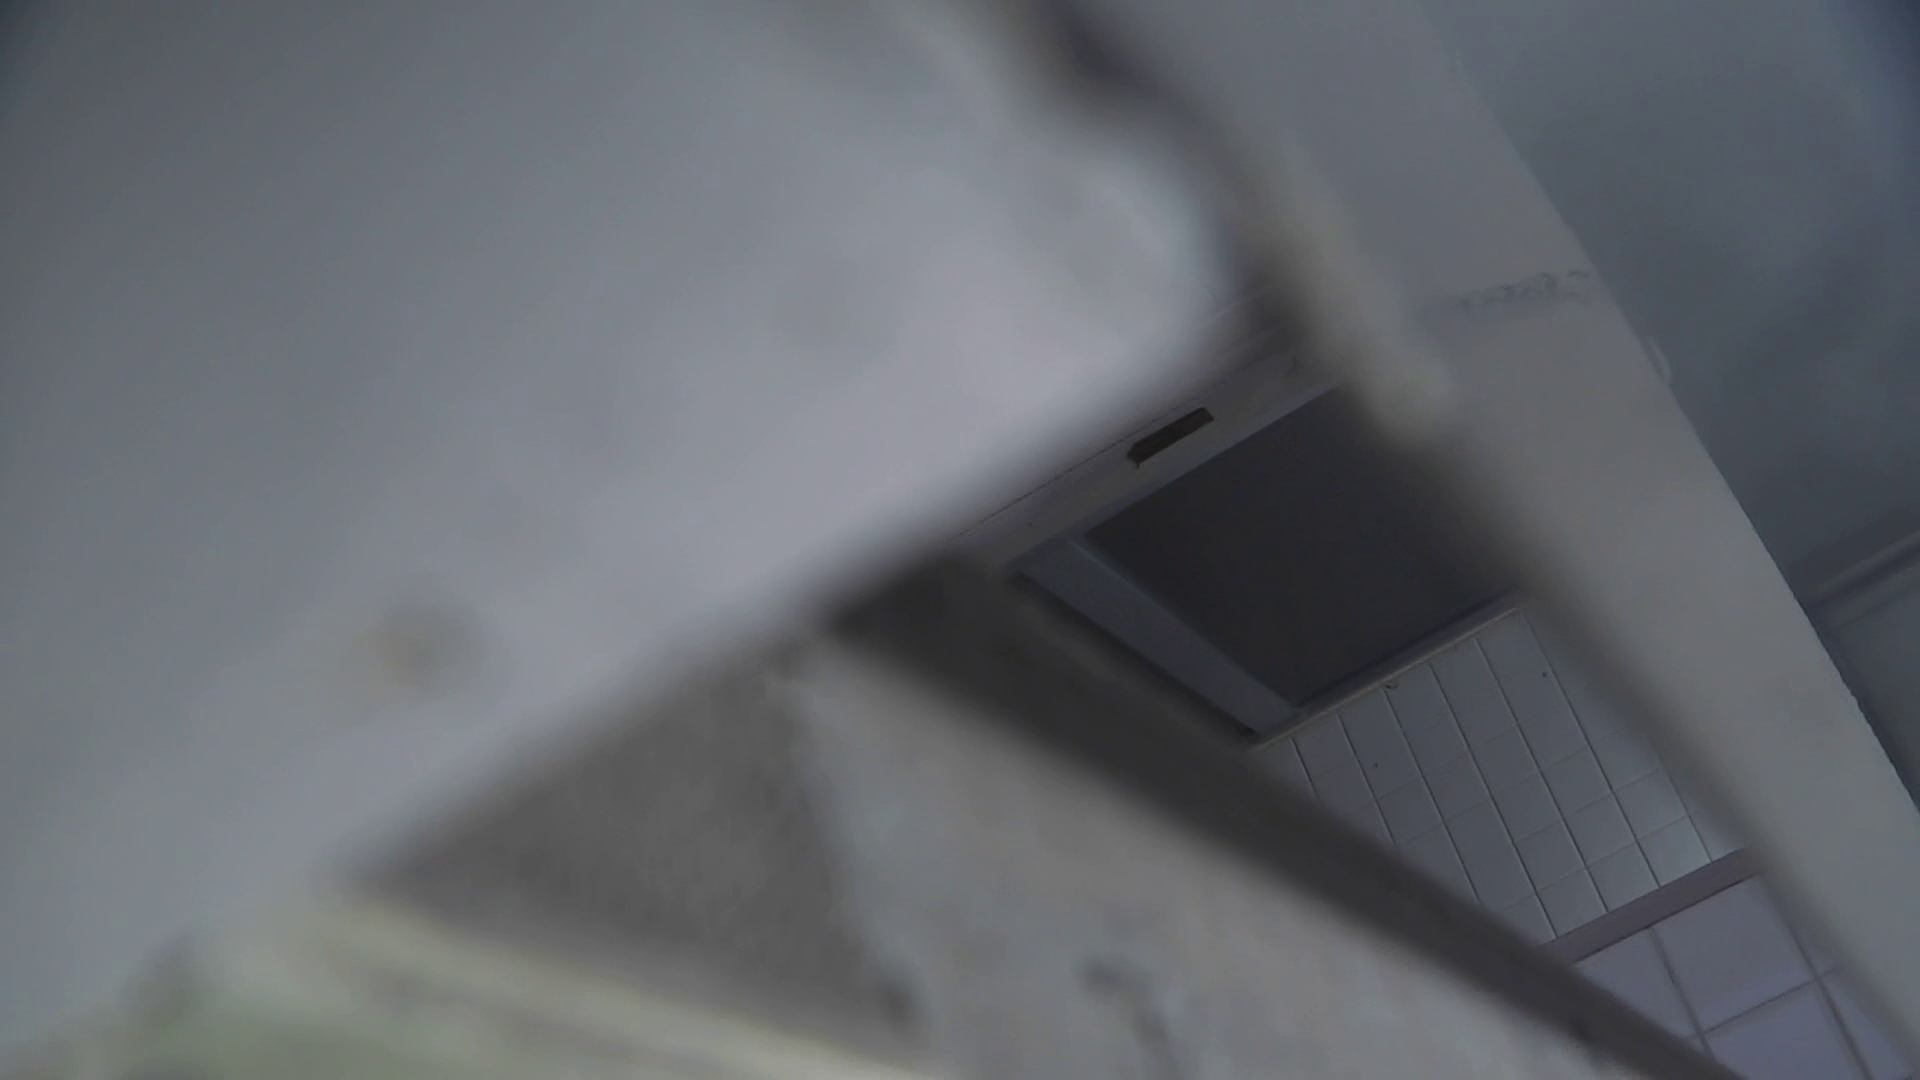 洗面所特攻隊 vol.026 お嬢さんかゆいの? OLハメ撮り  38Pix 35